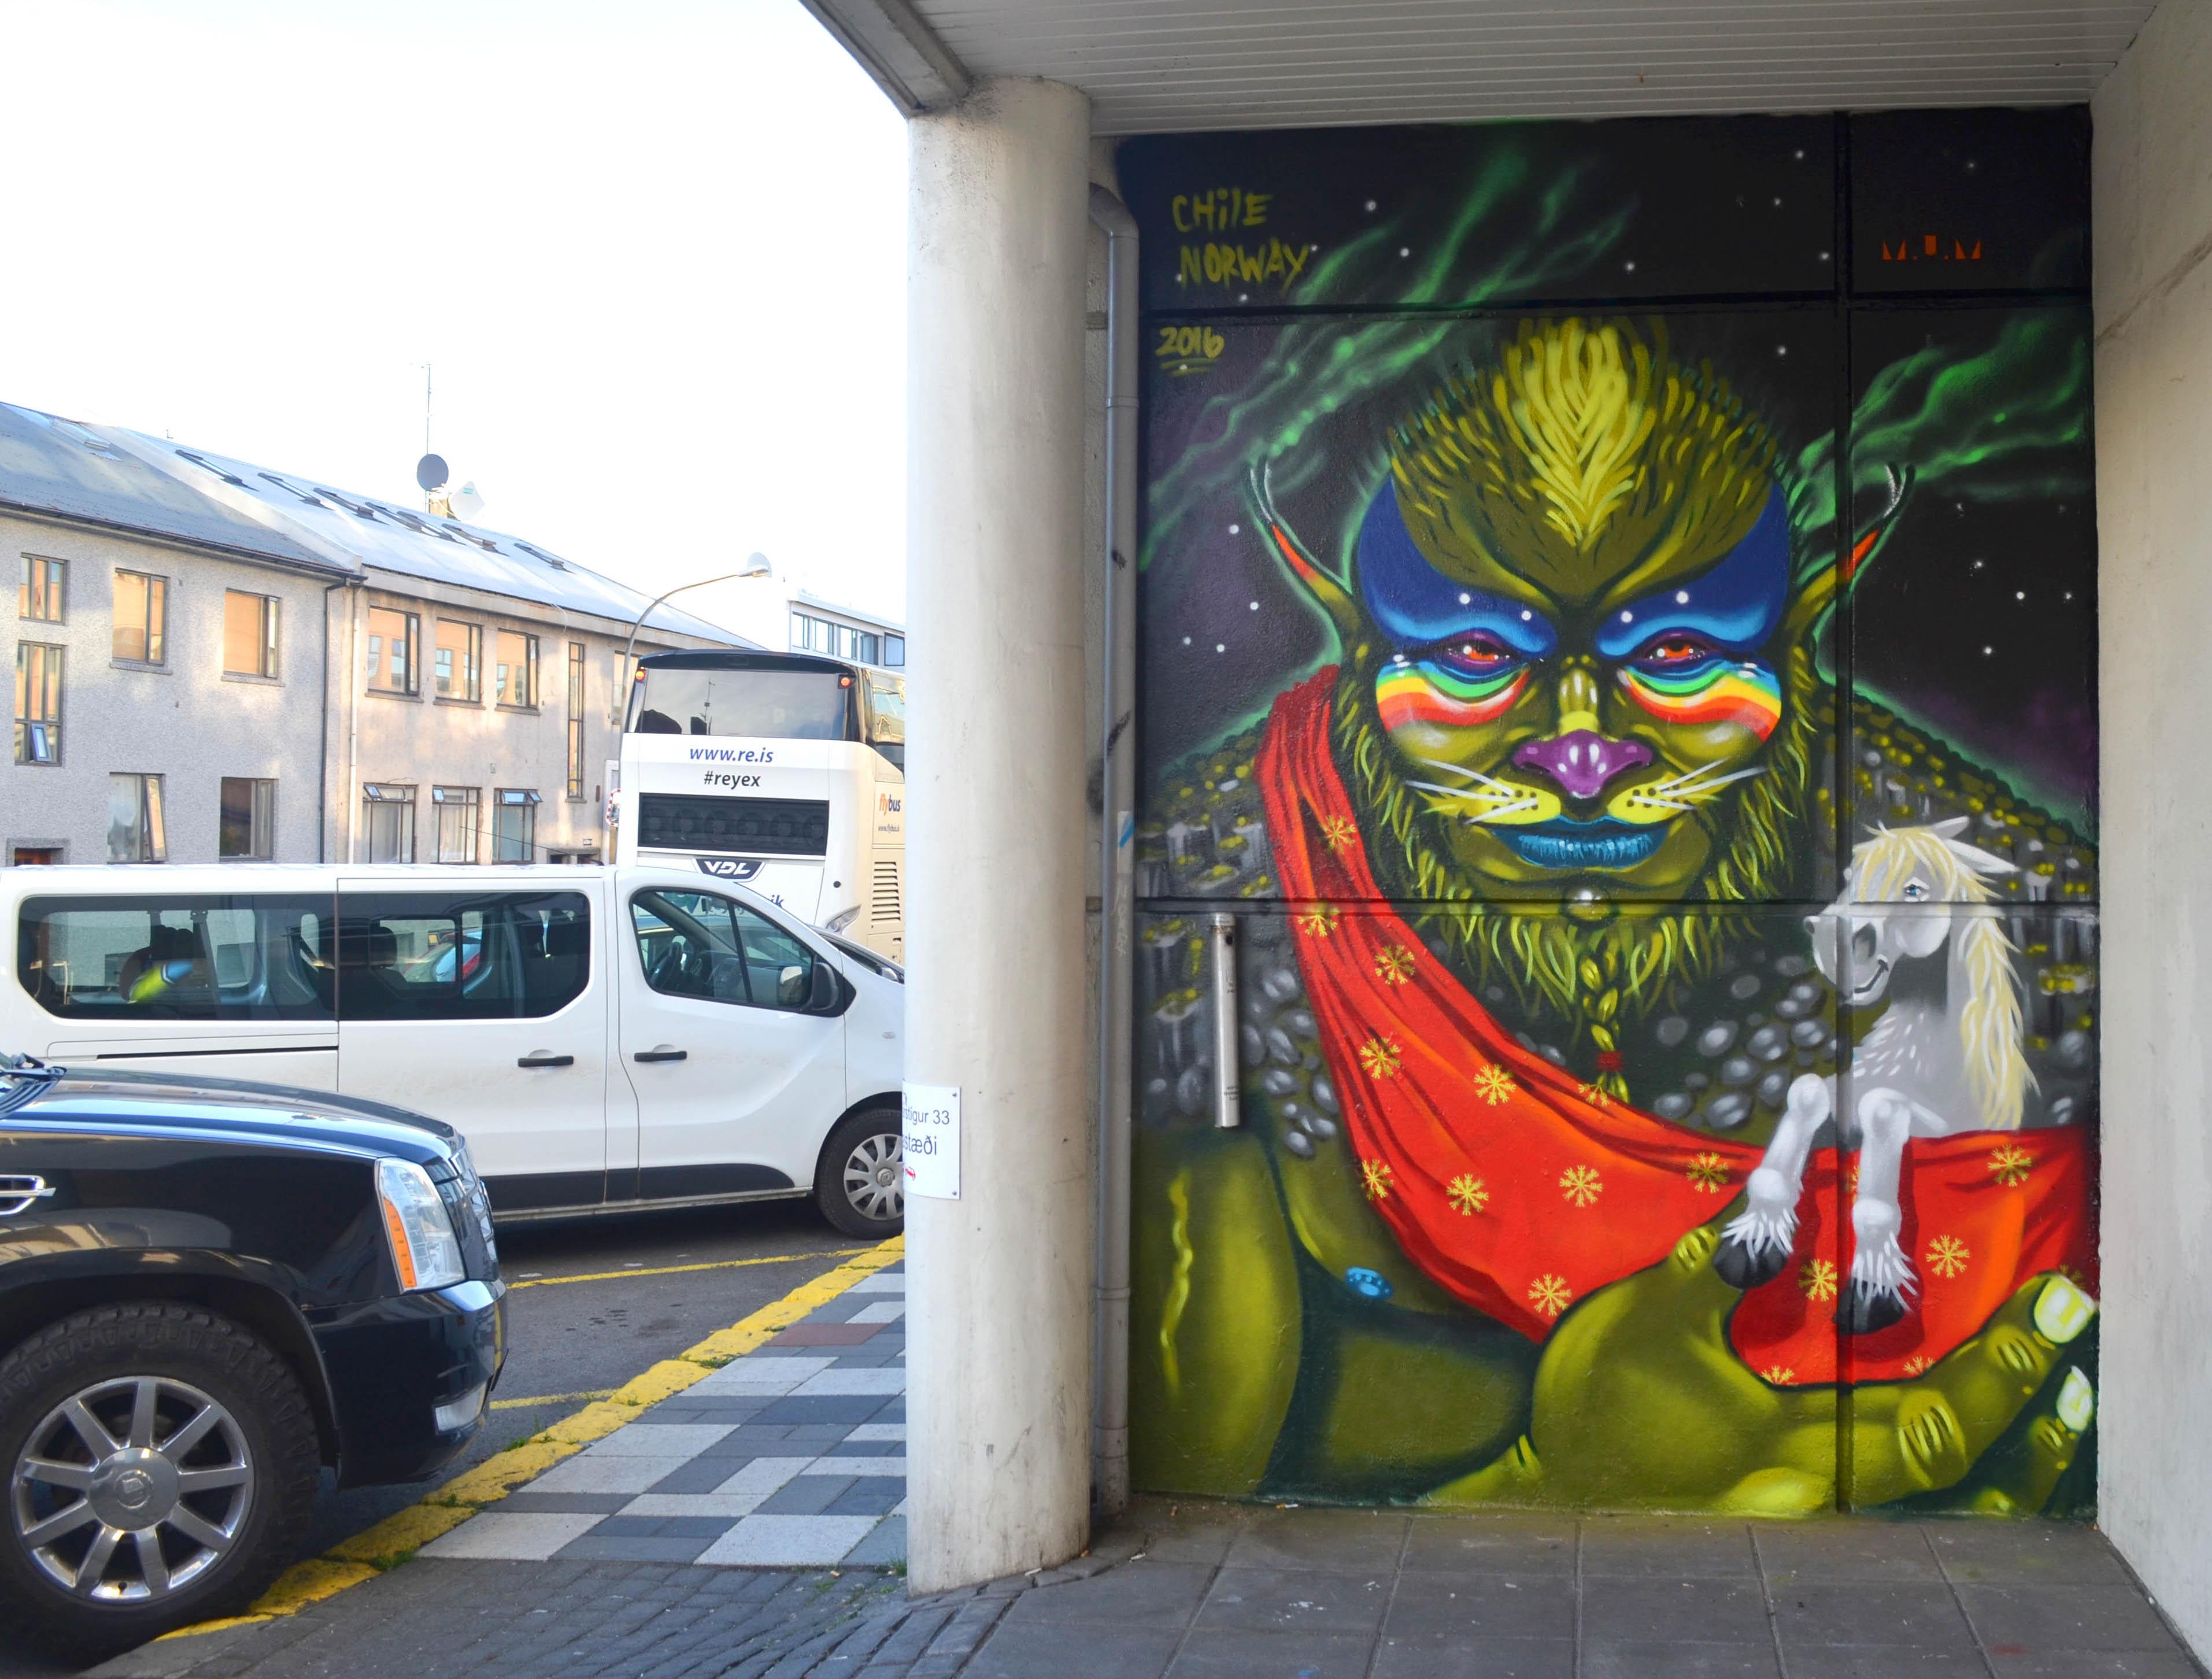 Reykjavik - Iceland 2016